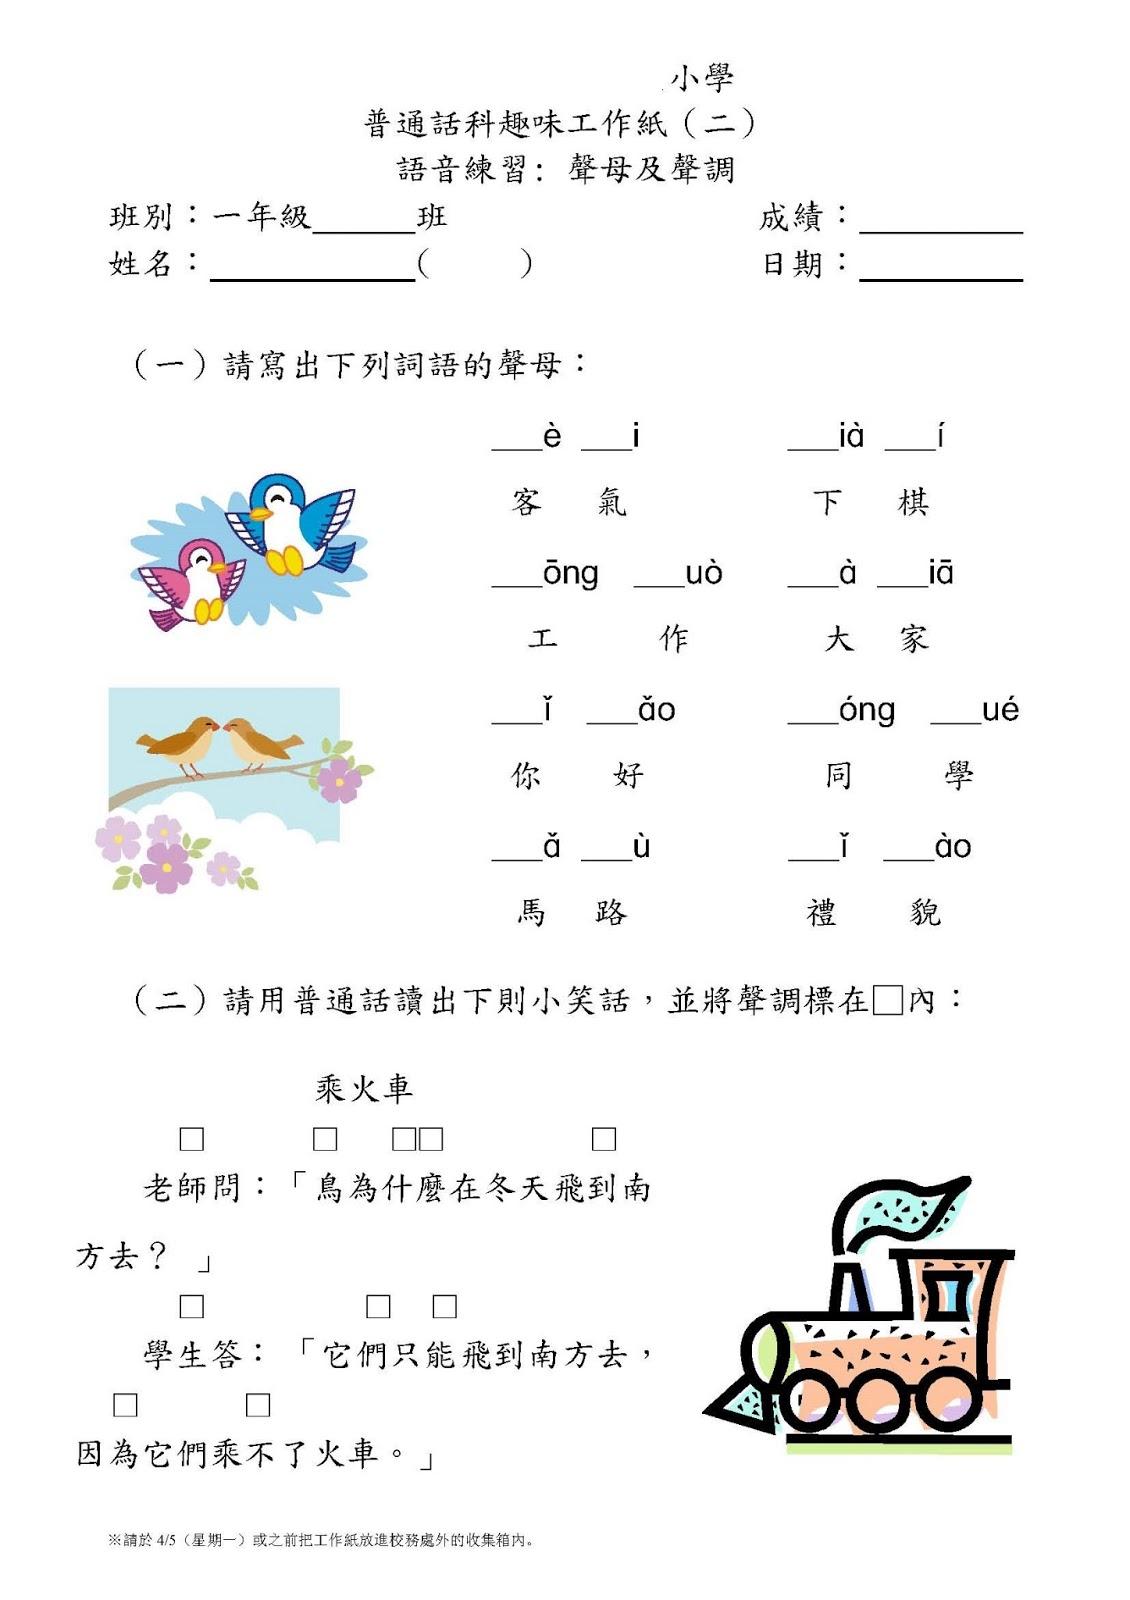 小一工作紙 | [組圖+影片] 的最新詳盡資料** (必看!!) - www.go2tutor.com